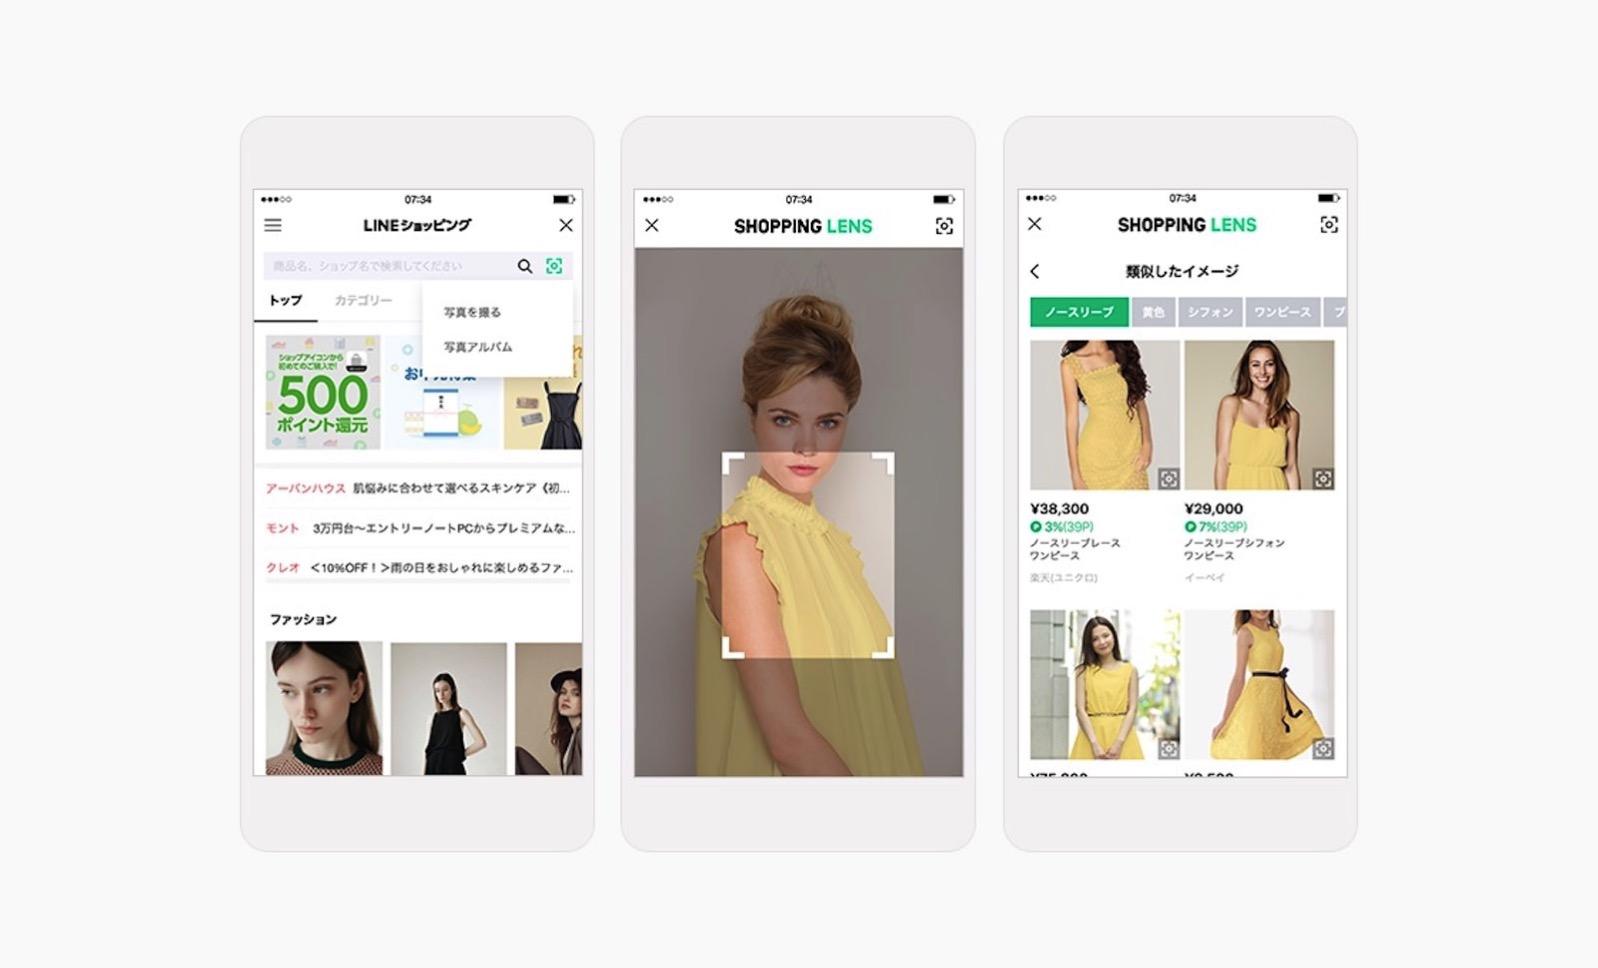 LINE Shopping Lens